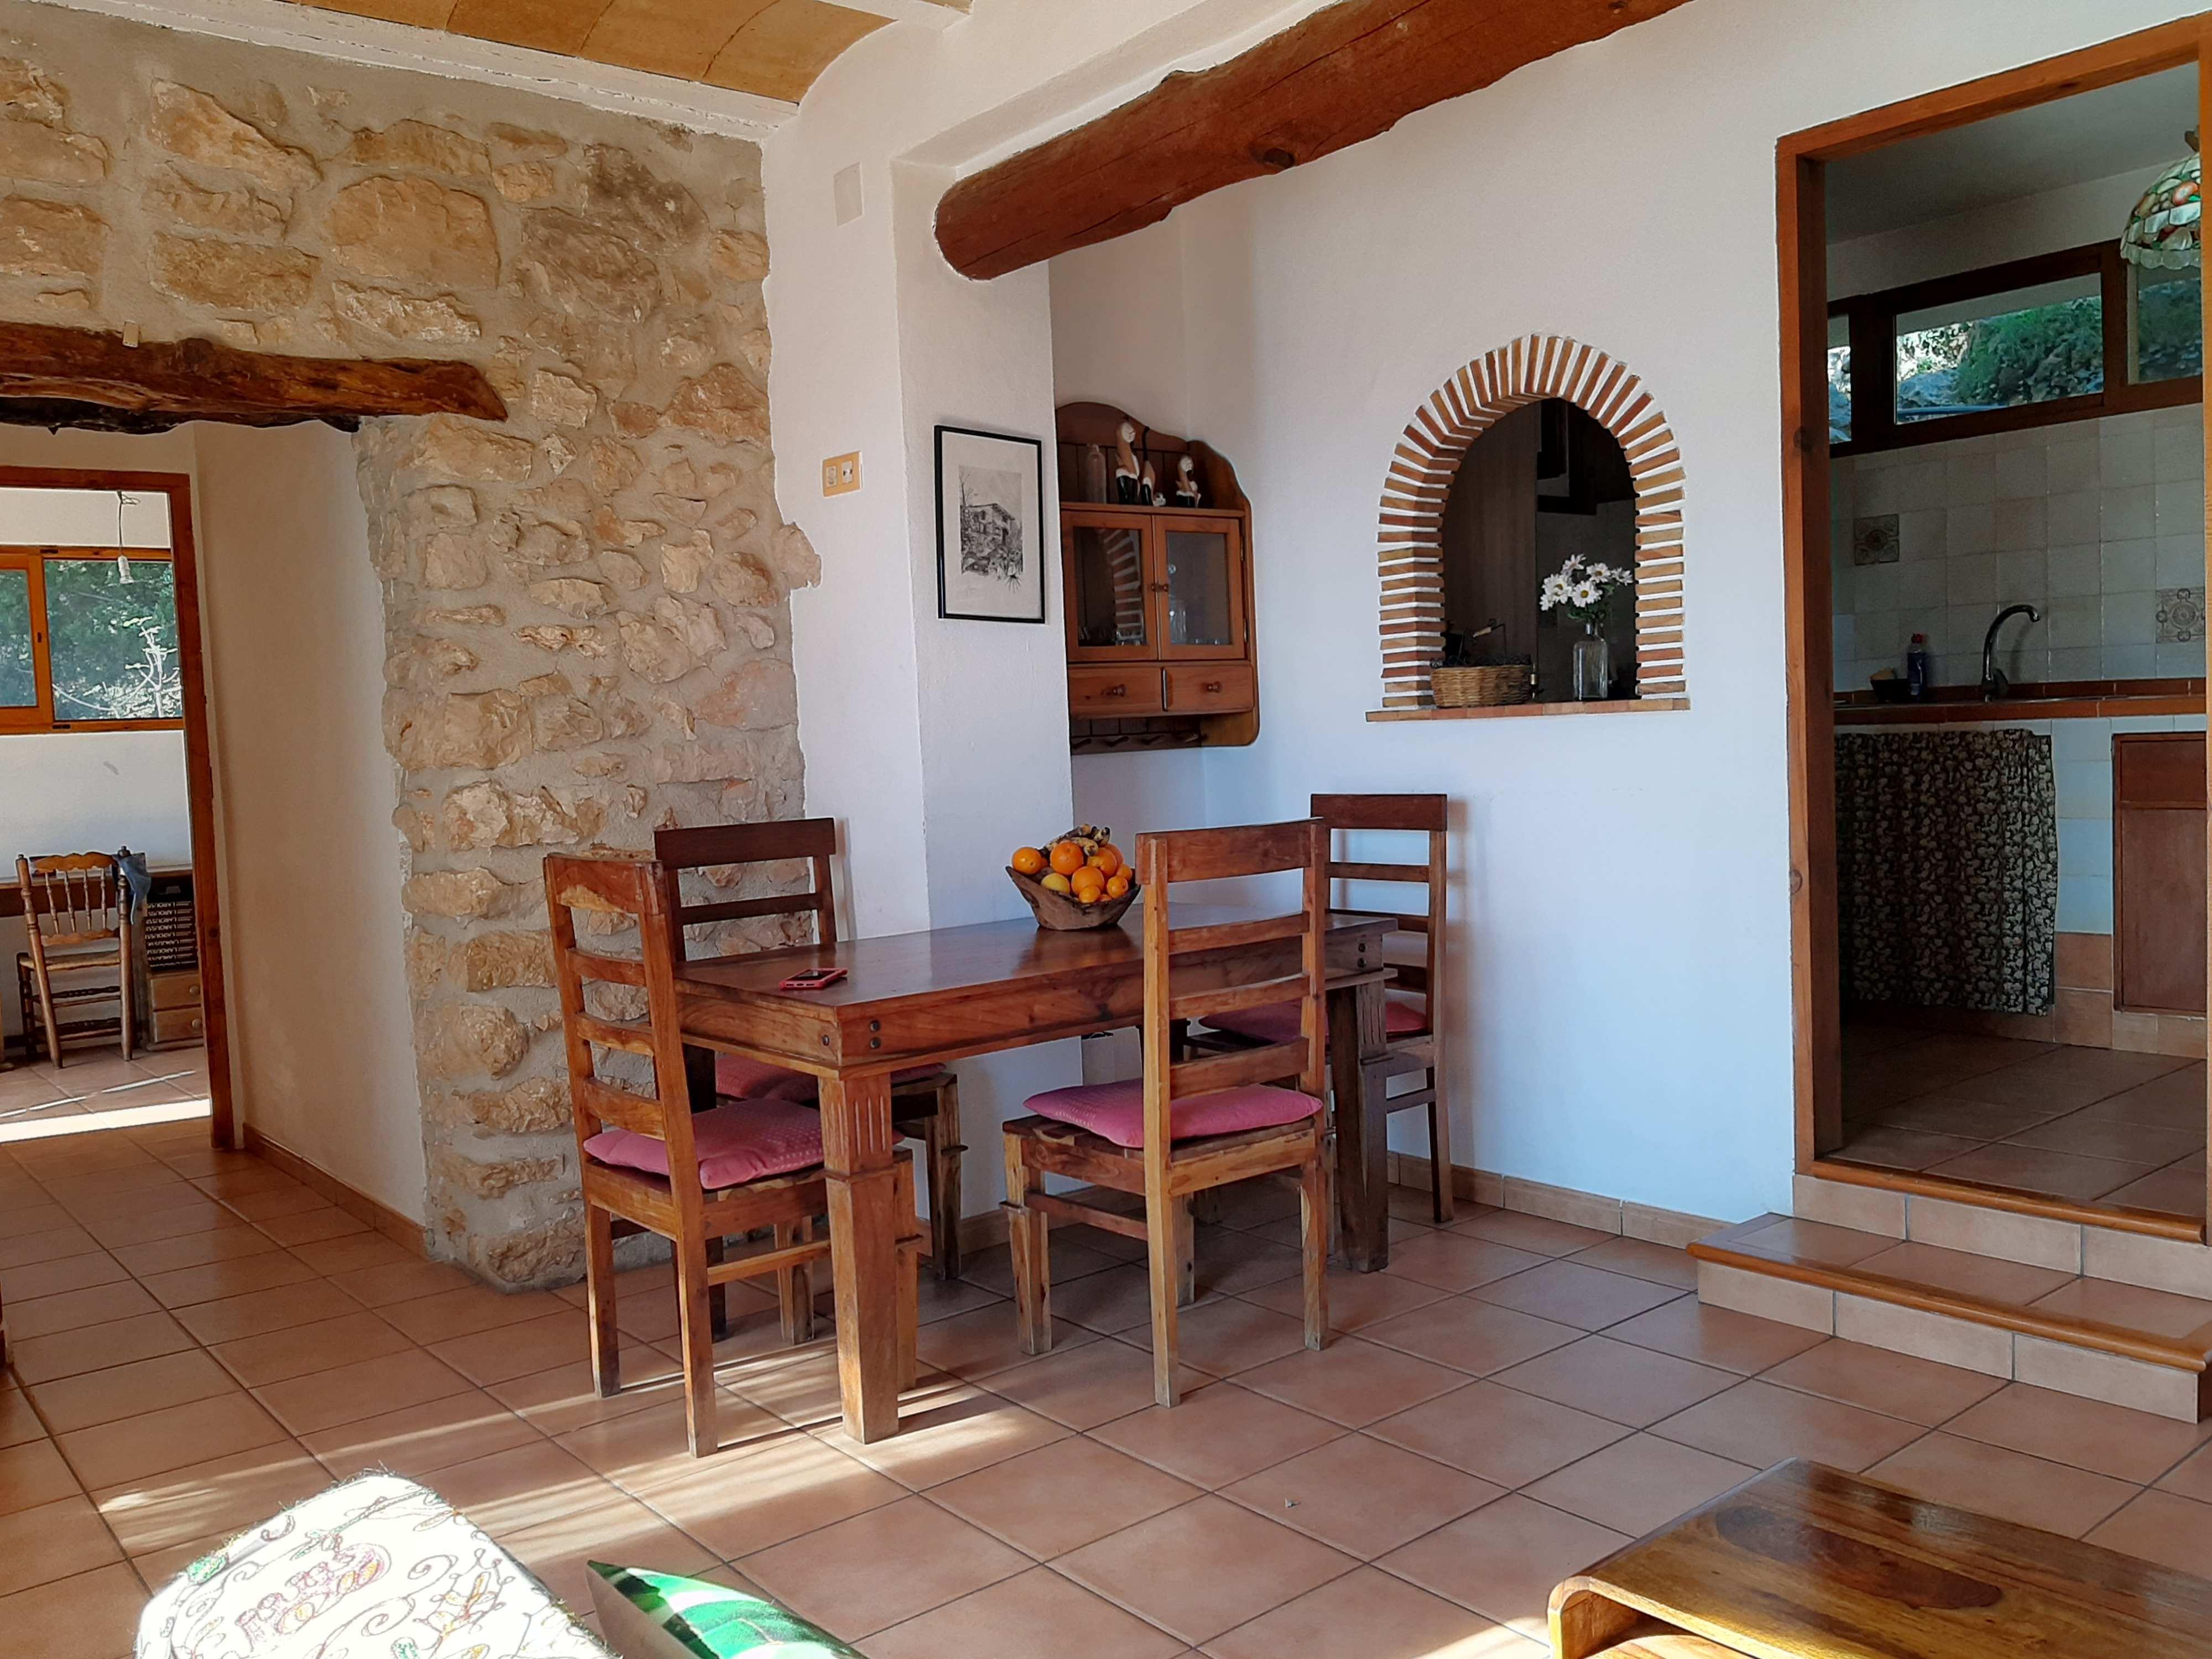 Galerie de photos - 13 - Olea-Home   Real Estate en Orba y Teulada-Moraira  